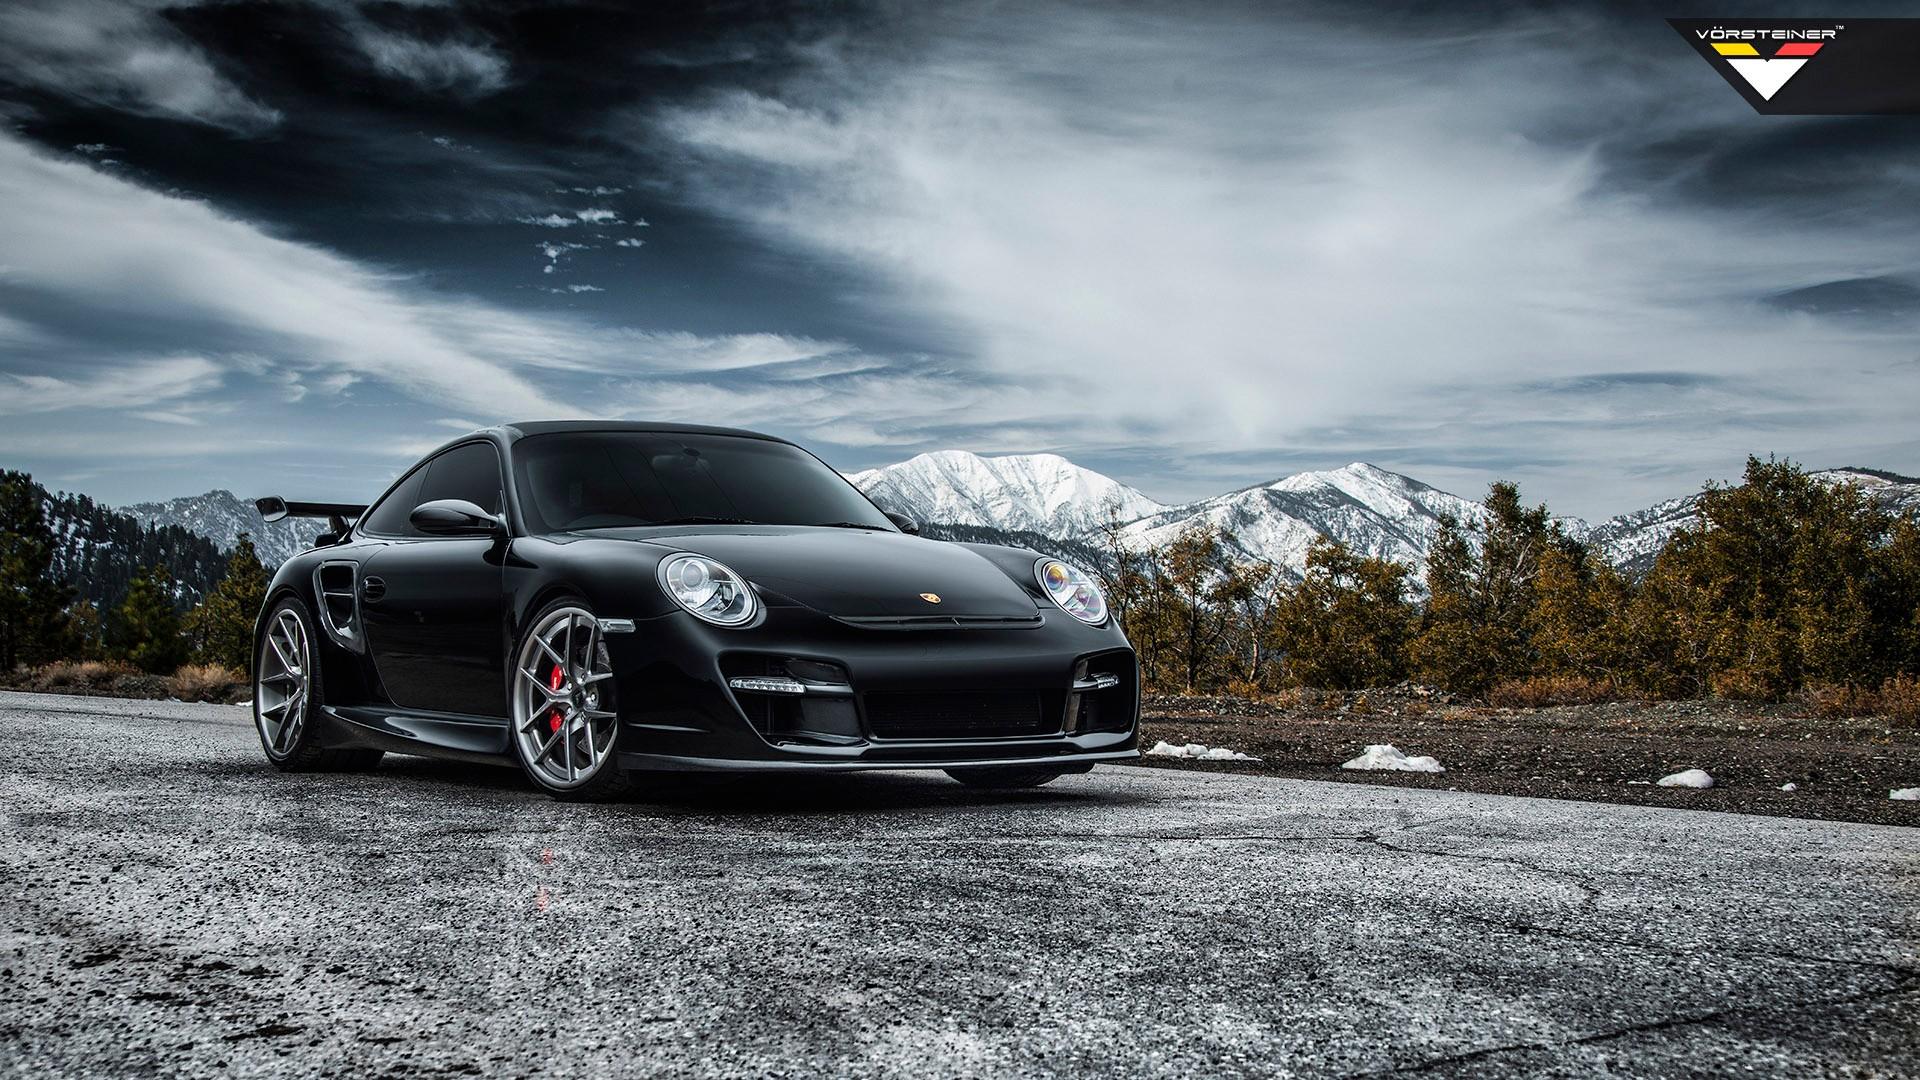 Porsche Macan Wallpaper Iphone Vorsteiner Porsche 997 V Rt Edition 911 Turbo Wallpaper